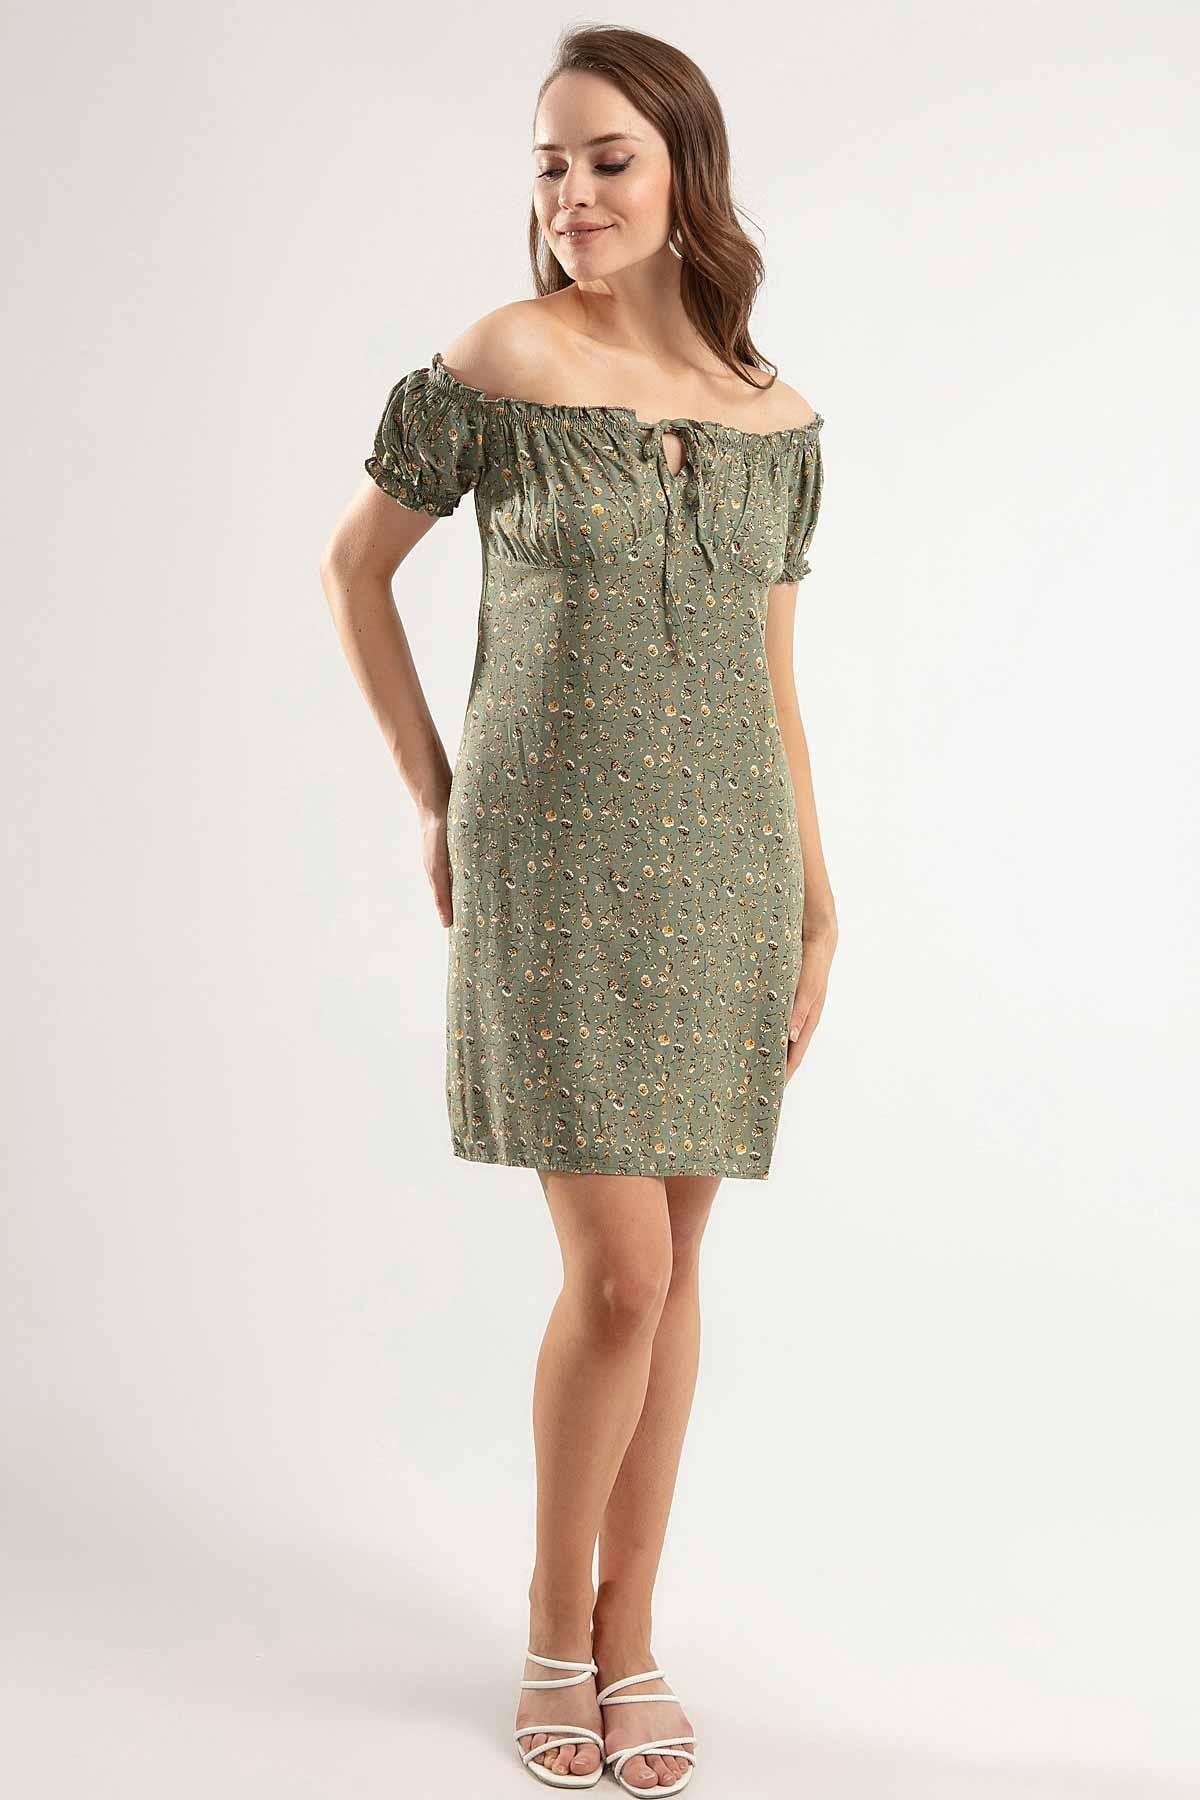 Y-London Kadın Haki Çiçek Baskılı Fermuarlı Bant Kol Kısa Elbise Y20S126-10225